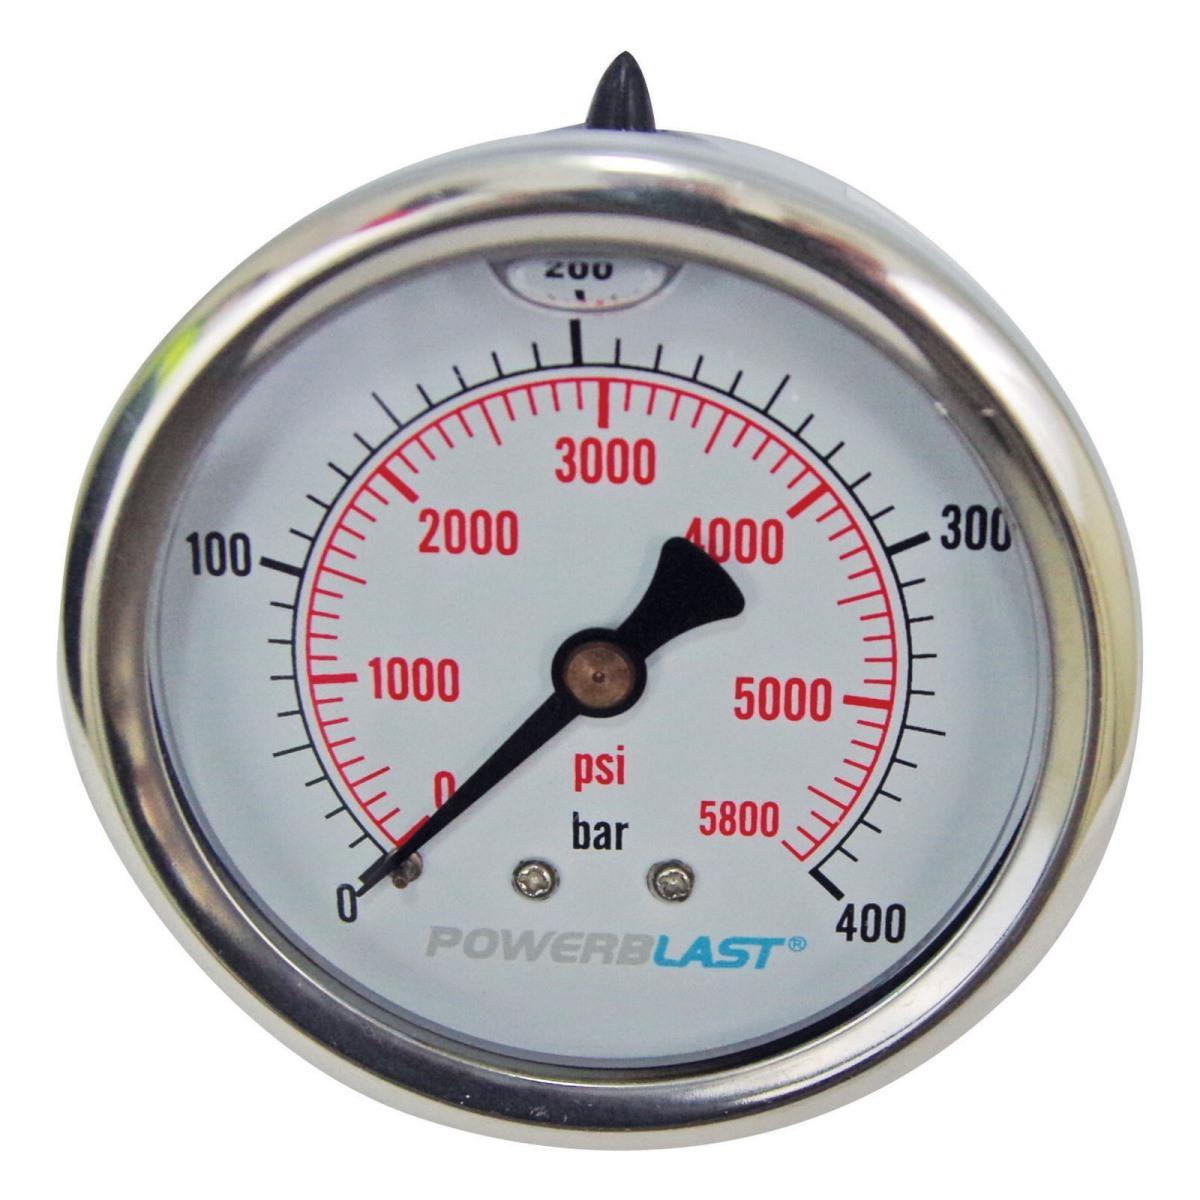 Powerblast Pressure Gauge 5800psi